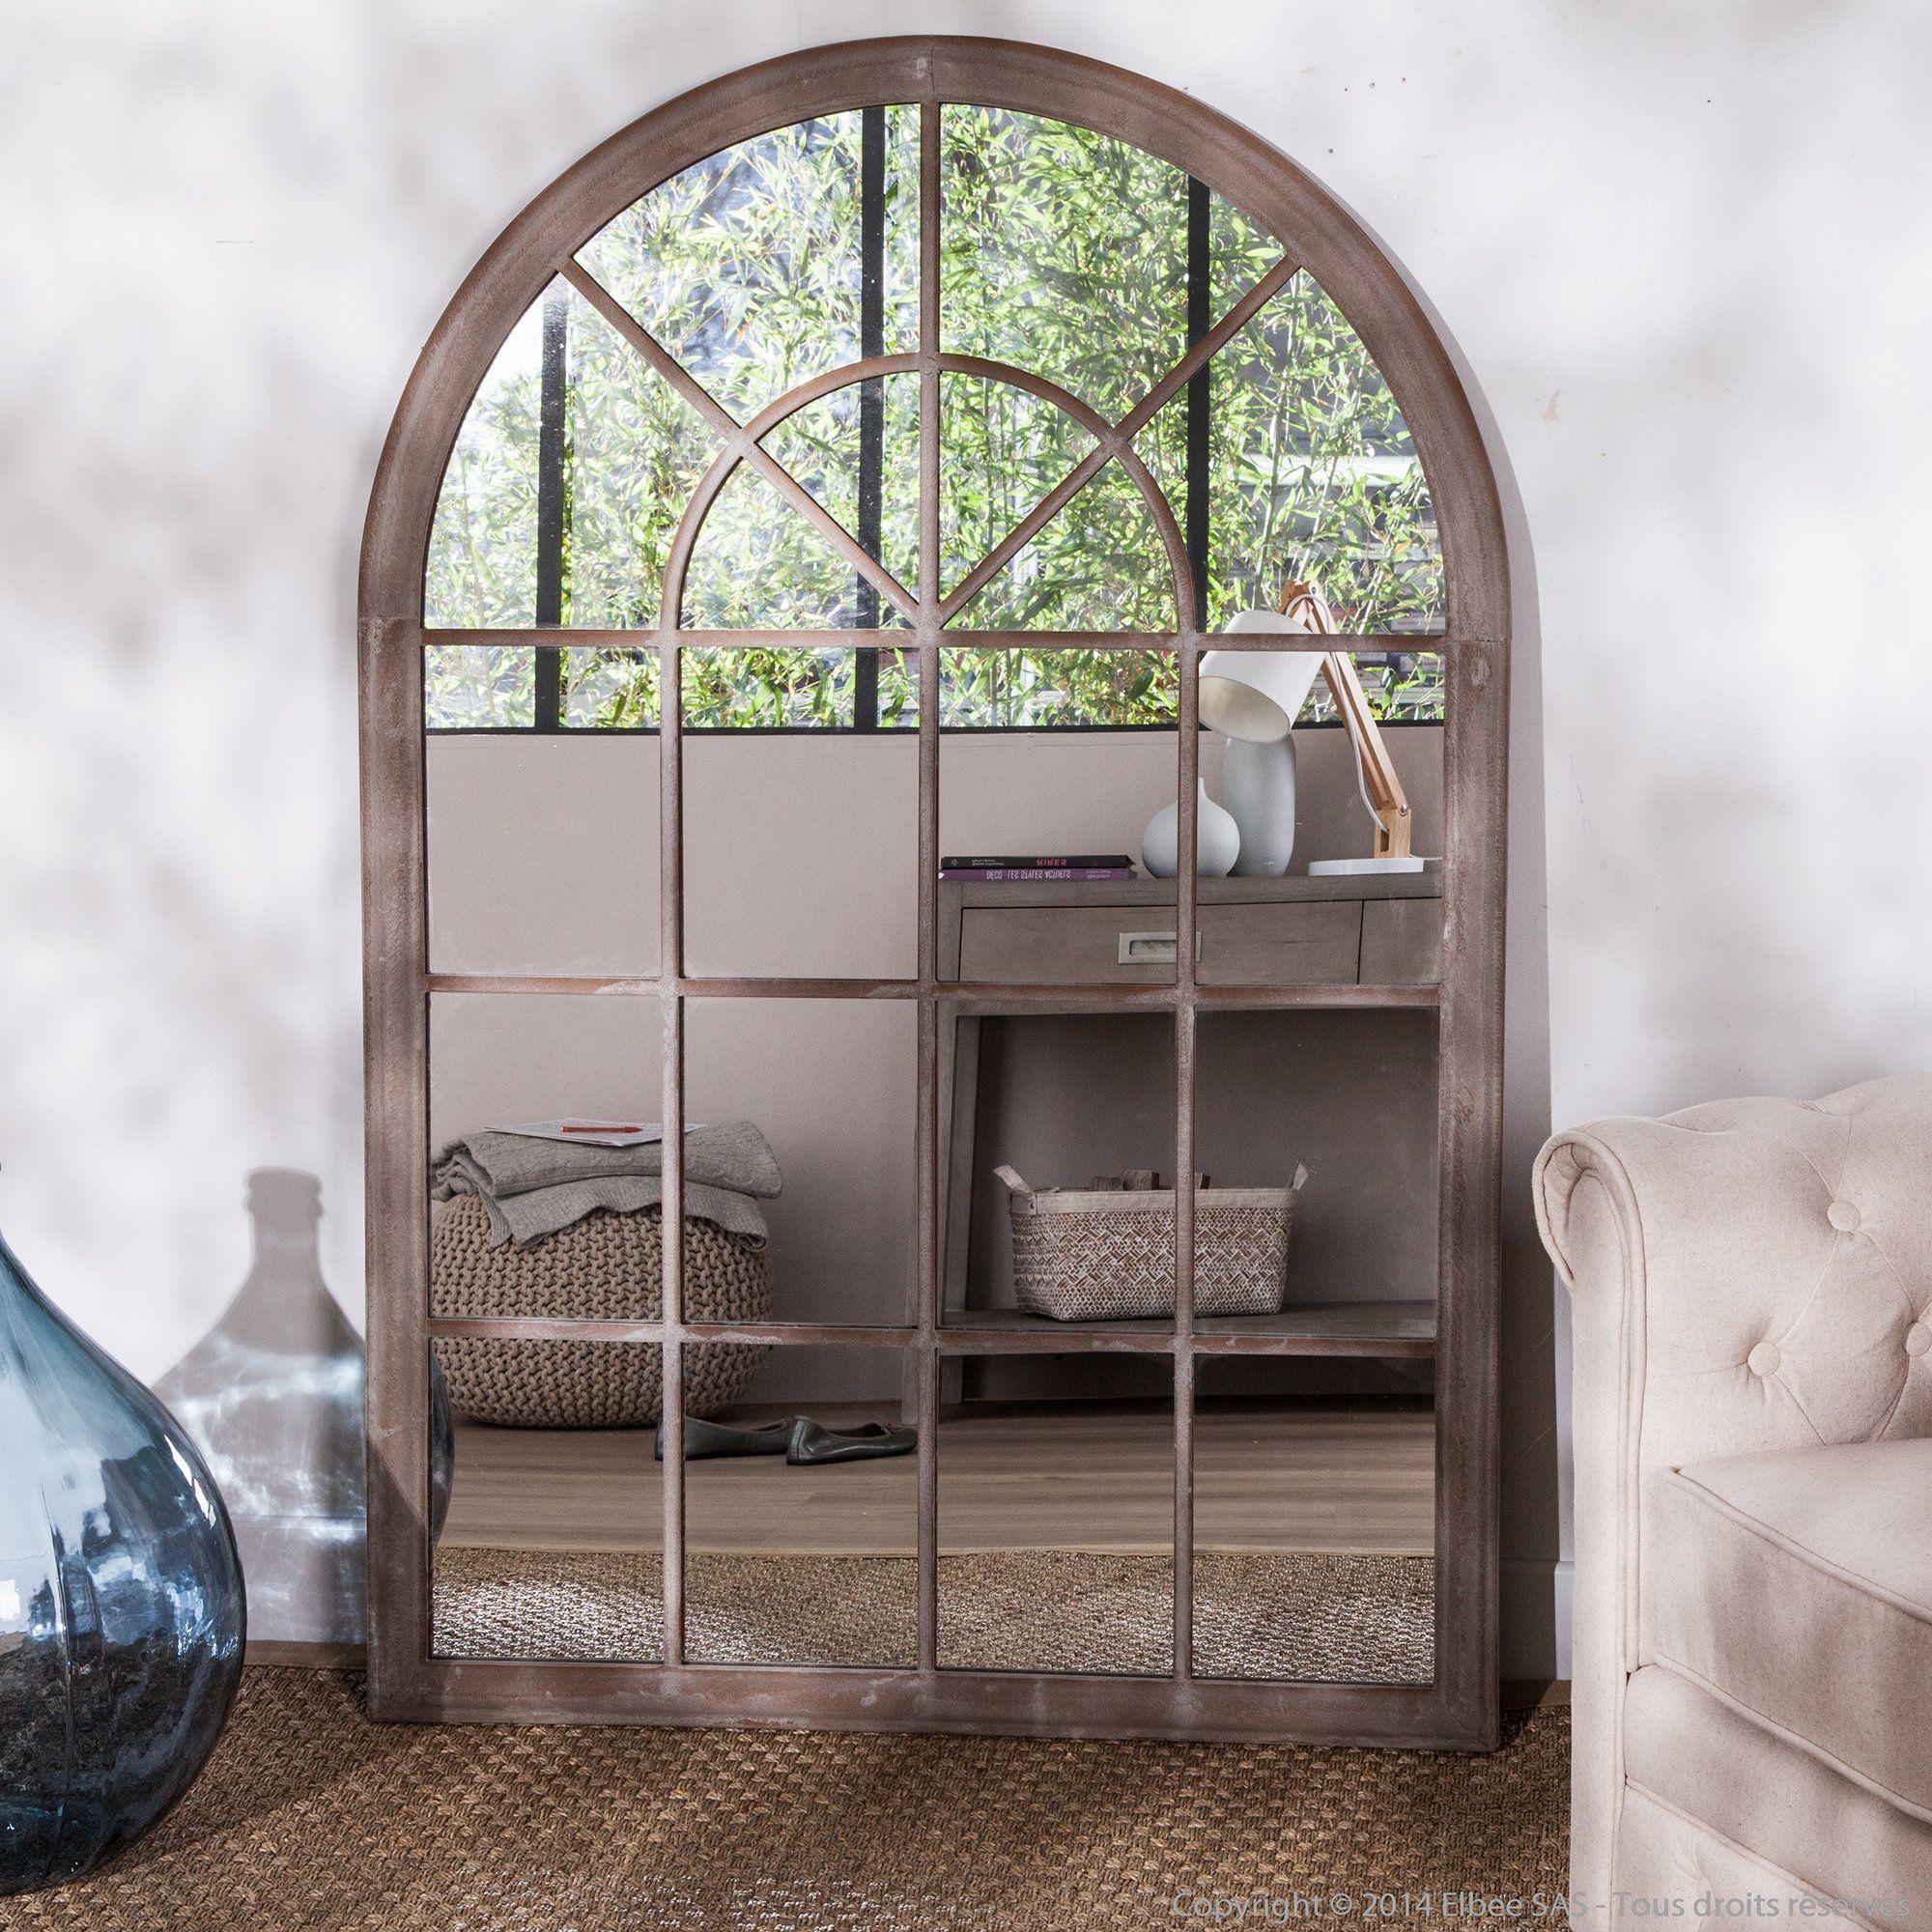 livraison offerte sur tout le site delamaison demeure miroirs et livraison. Black Bedroom Furniture Sets. Home Design Ideas